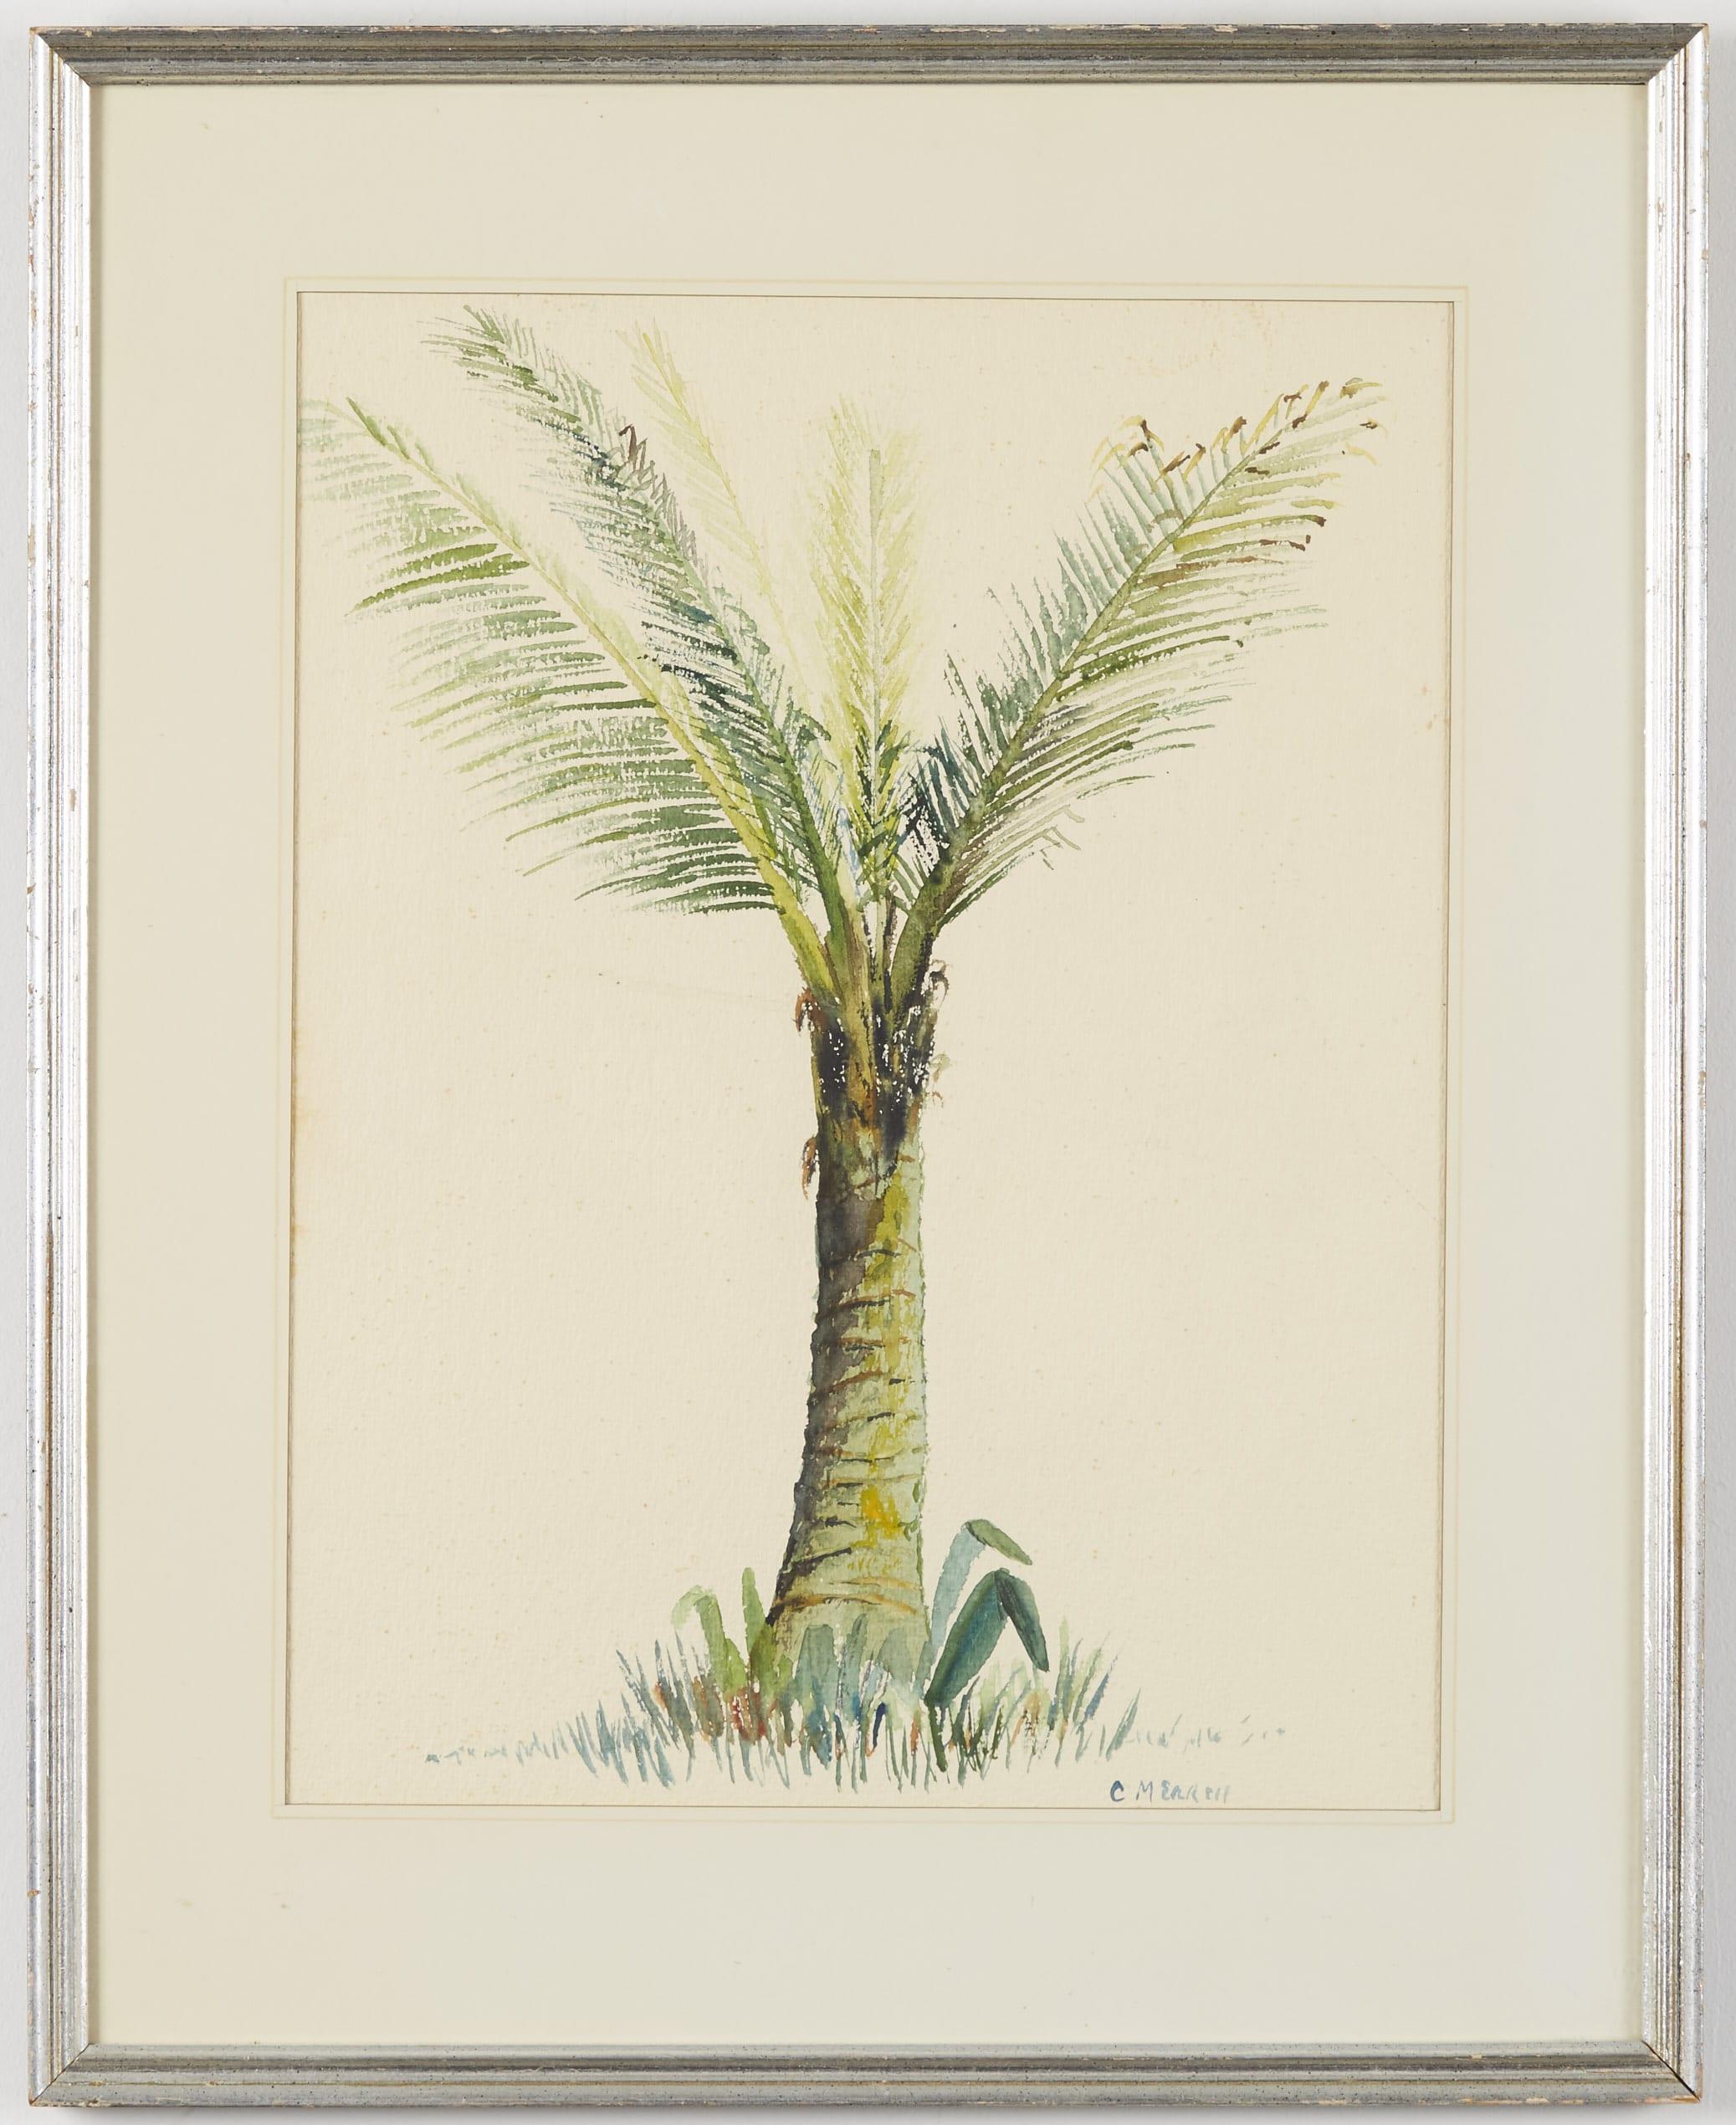 Lot 112: Cyrus Merrill Palm Tree